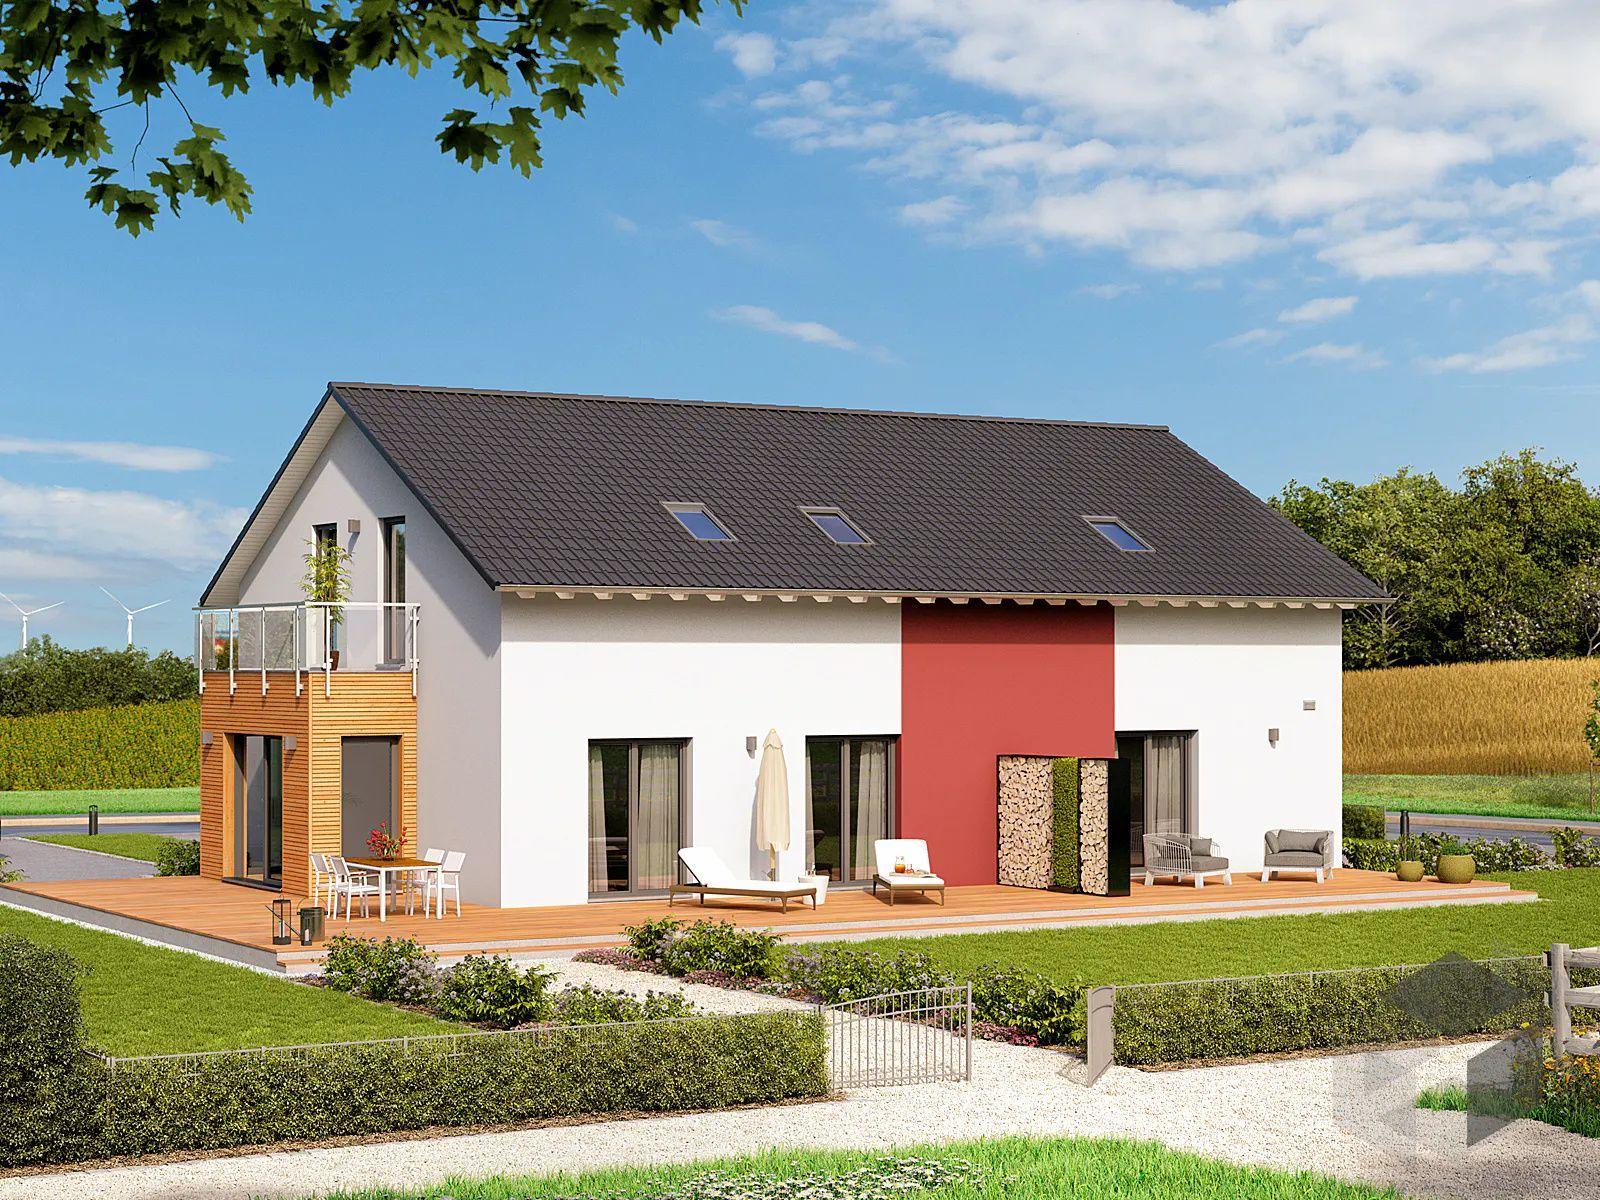 35+ Haus mit zwei eingaengen 2021 ideen